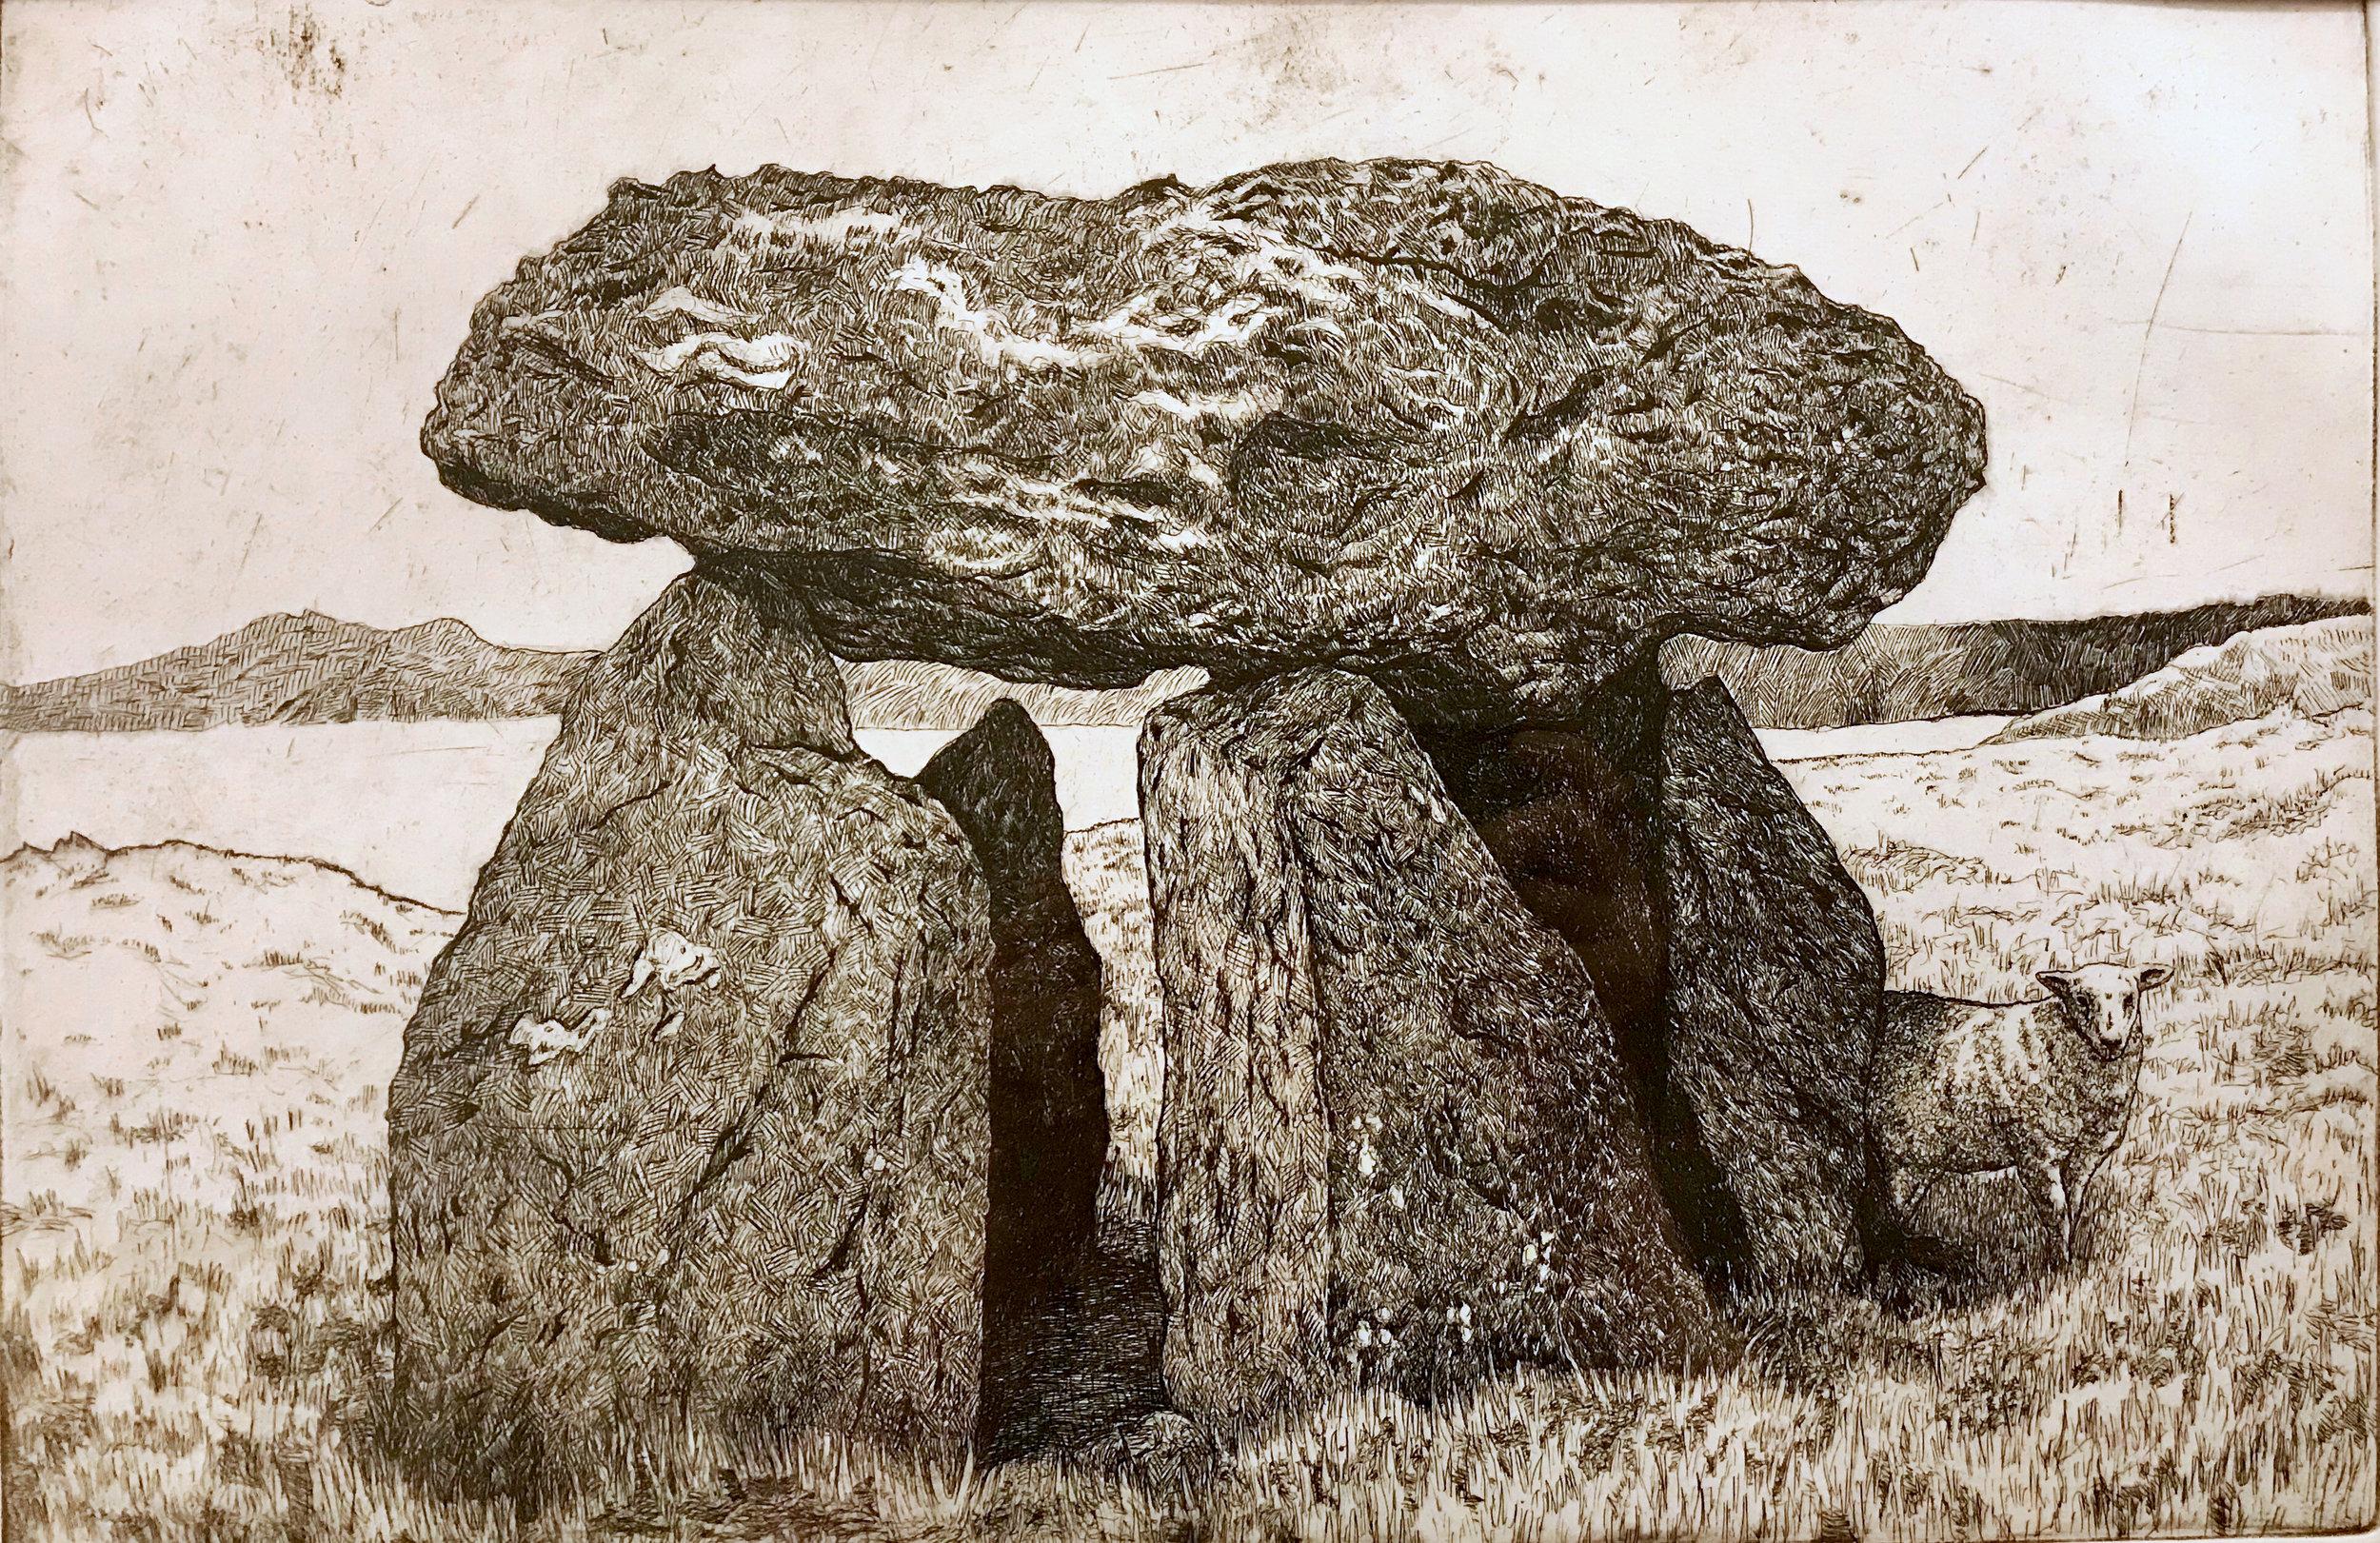 Carreg Samson etching